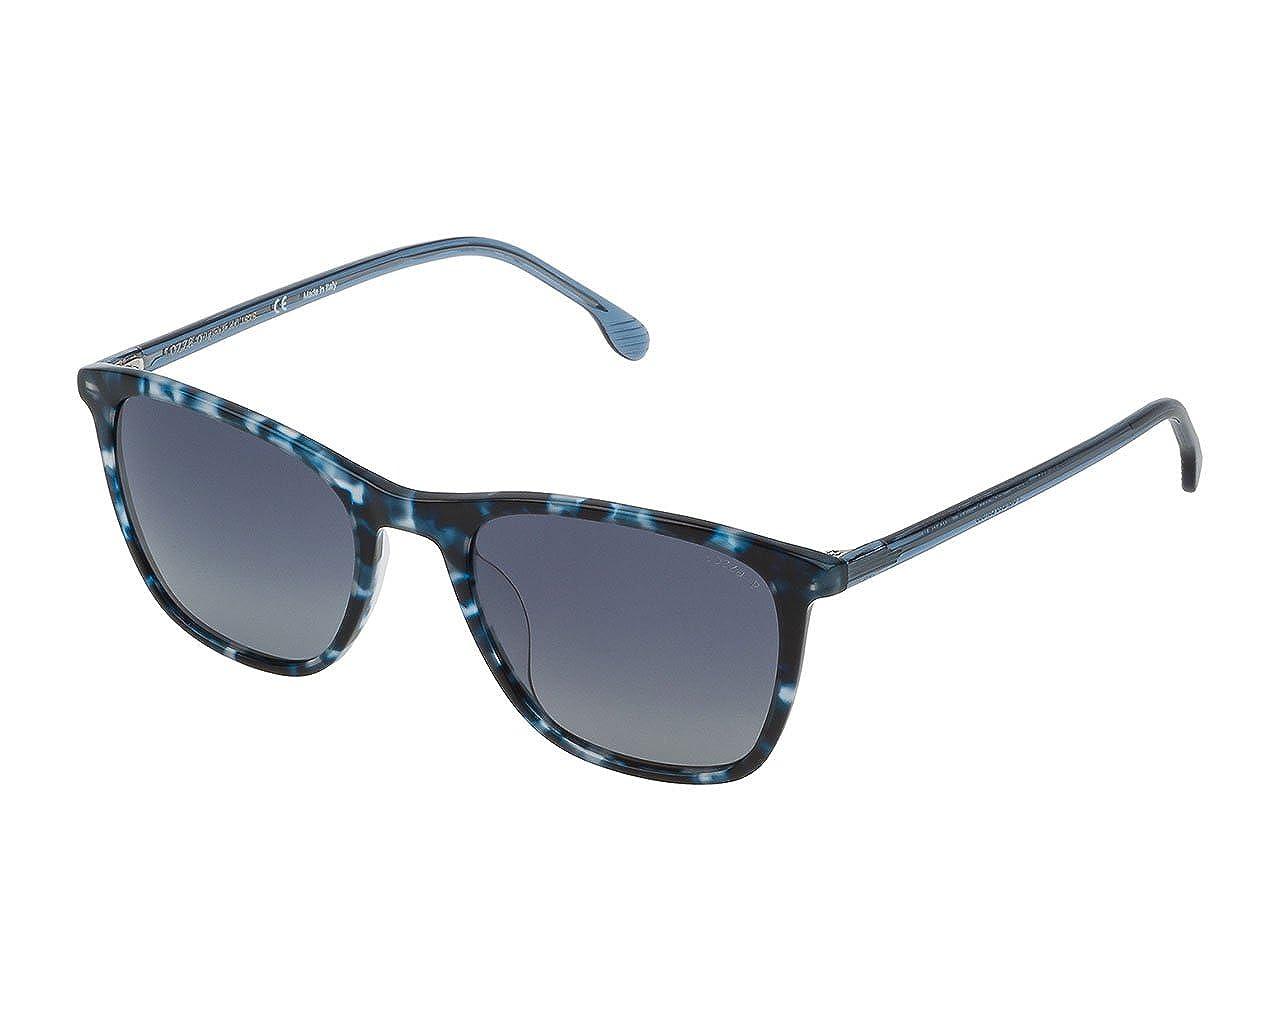 Lozza Gafas de sol unisex Polarizado SL4177M WT9P azul avana ...